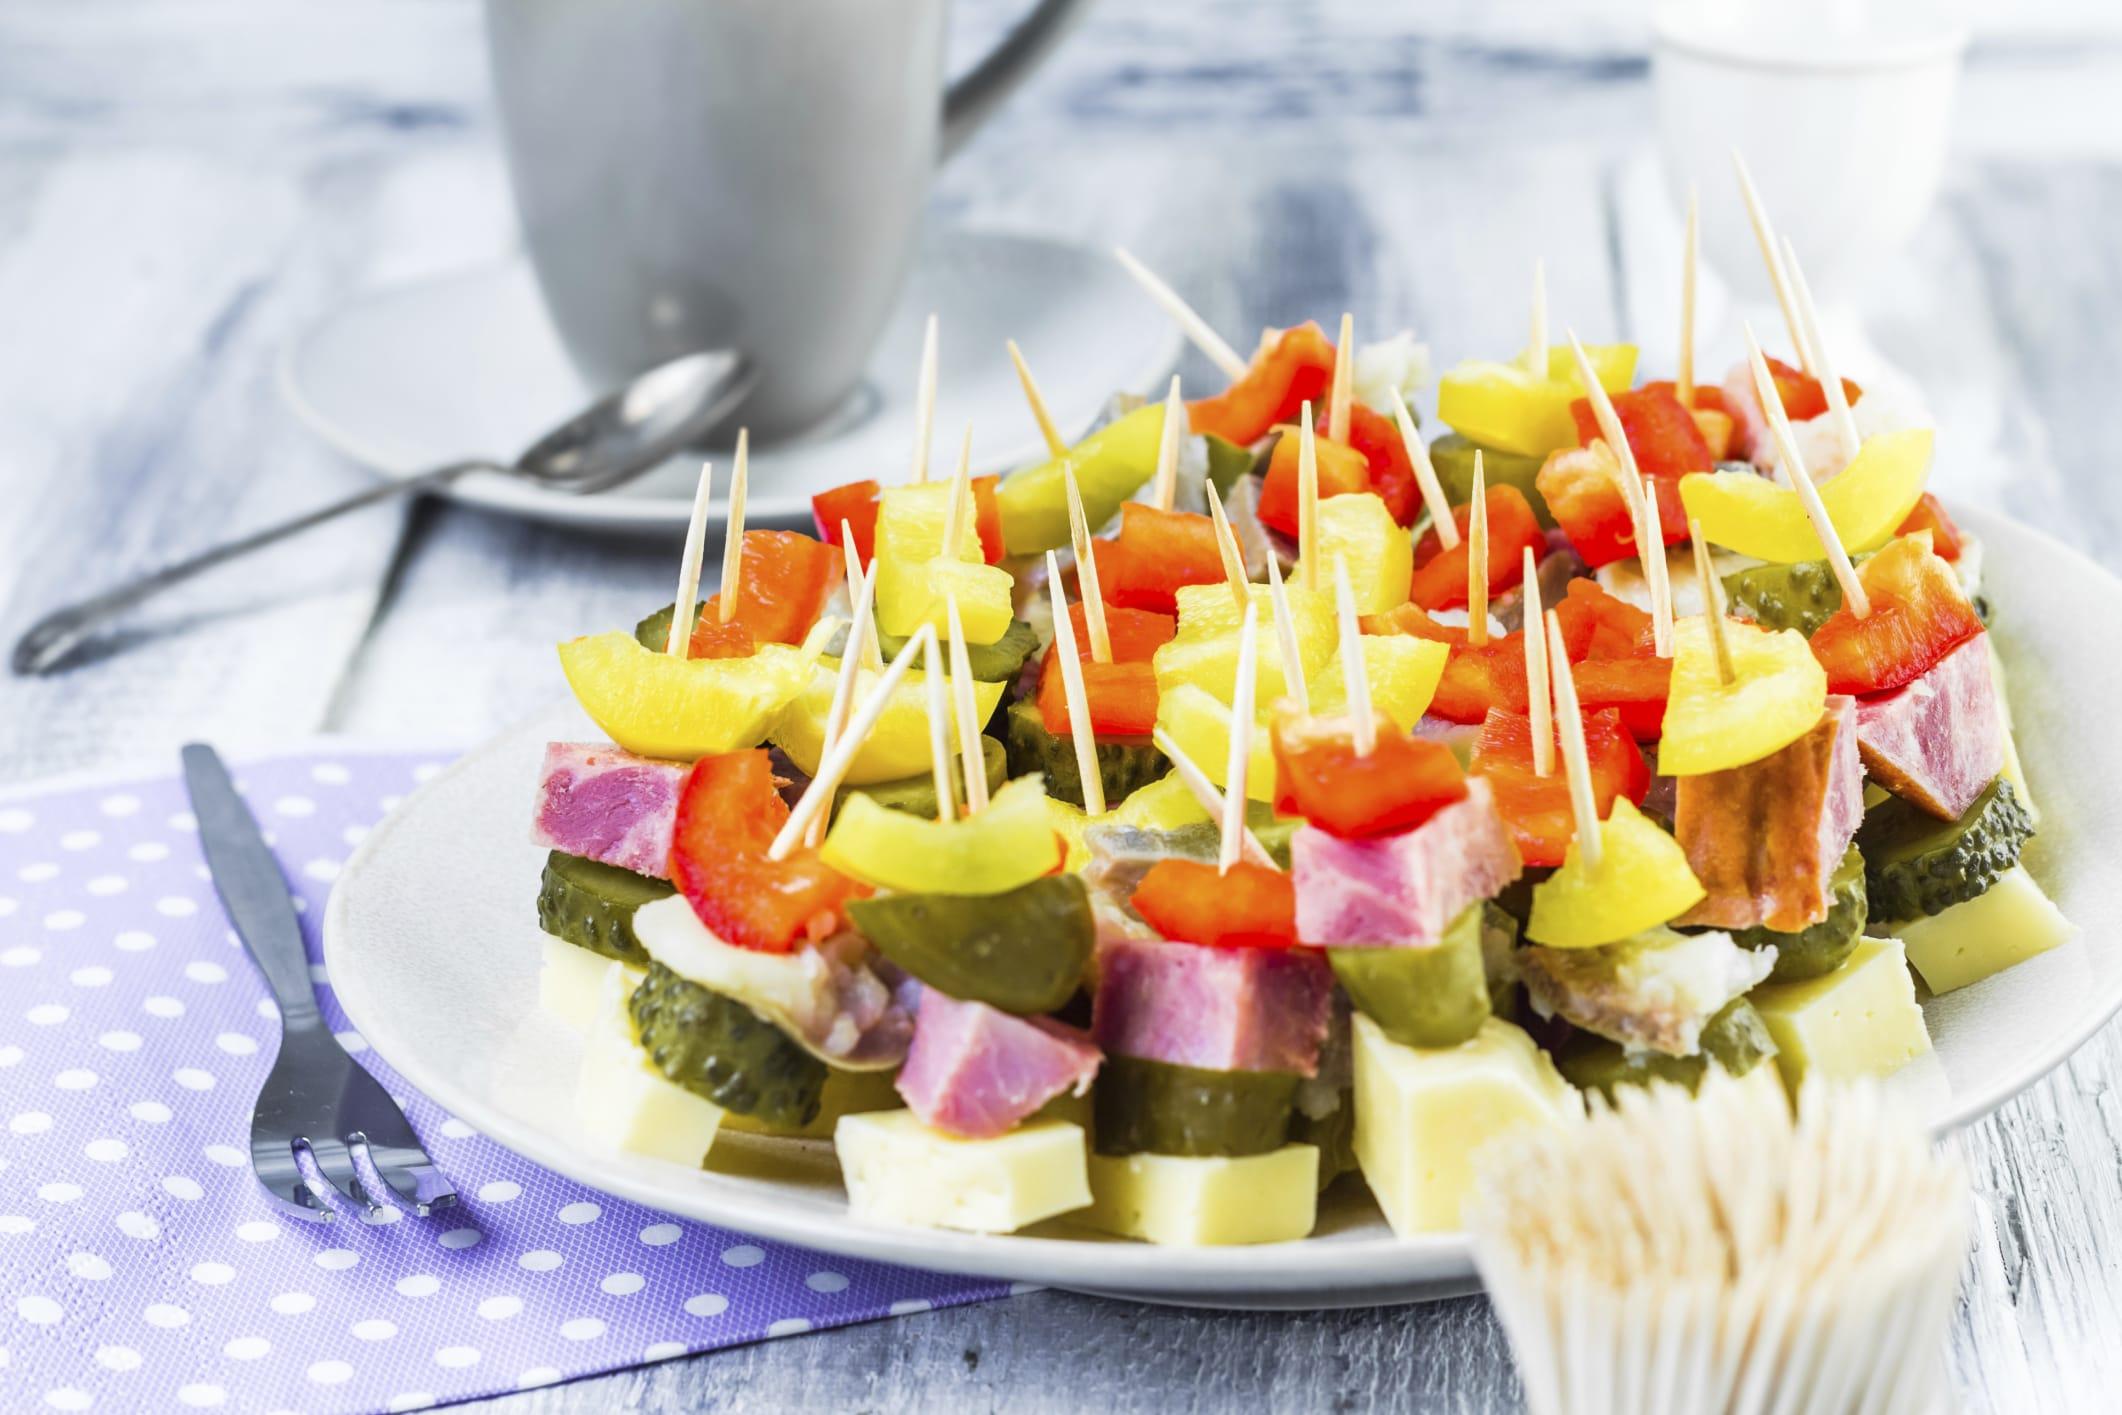 Come organizzare un aperitivo in casa non sprecare for Organizzare il giardino di casa